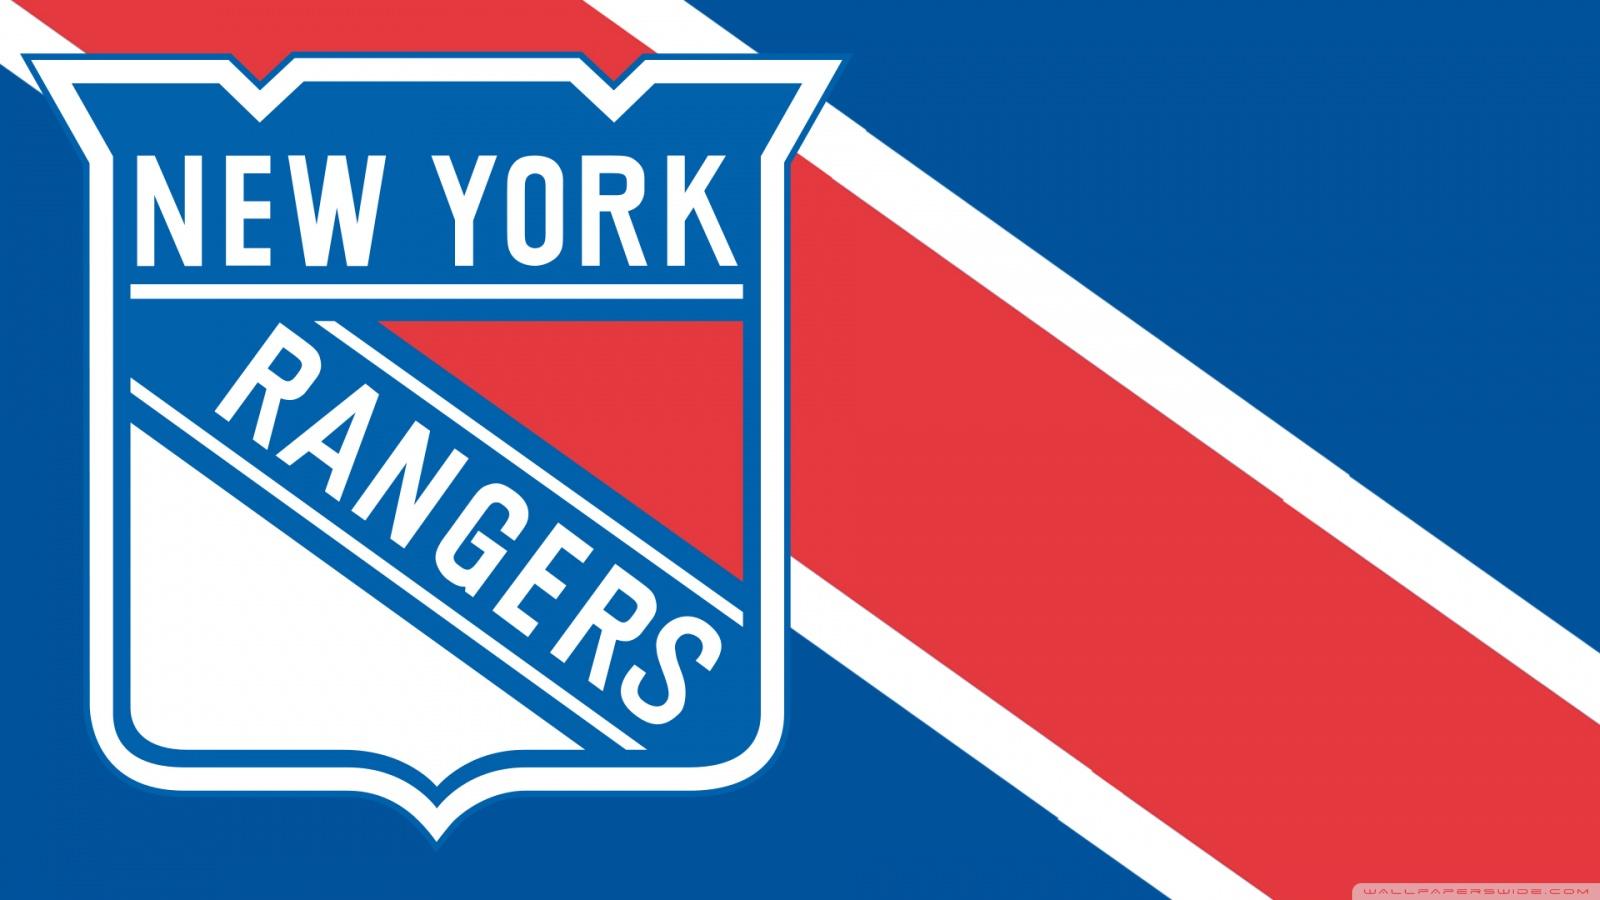 New York Rangers HD desktop wallpaper : Widescreen : High